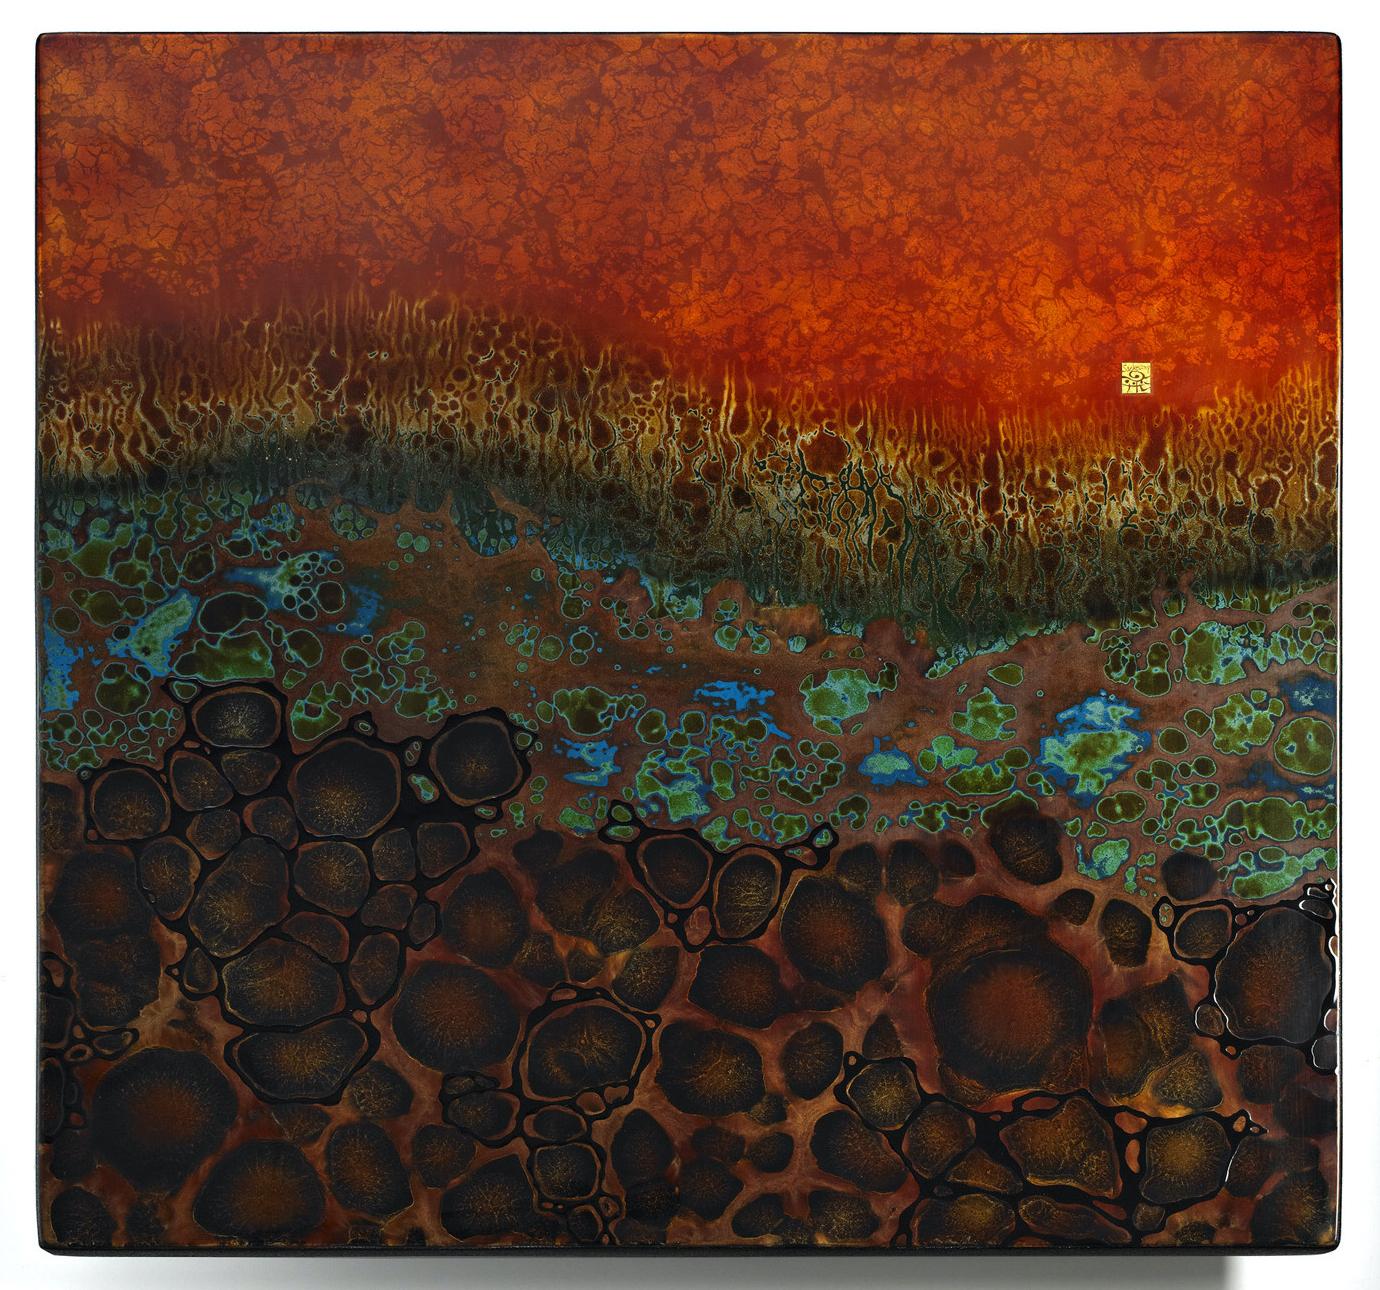 #1161 Yusuke Saiki - untitled, 2020 Sumi Ink on Washi Paper 150 x 380cm